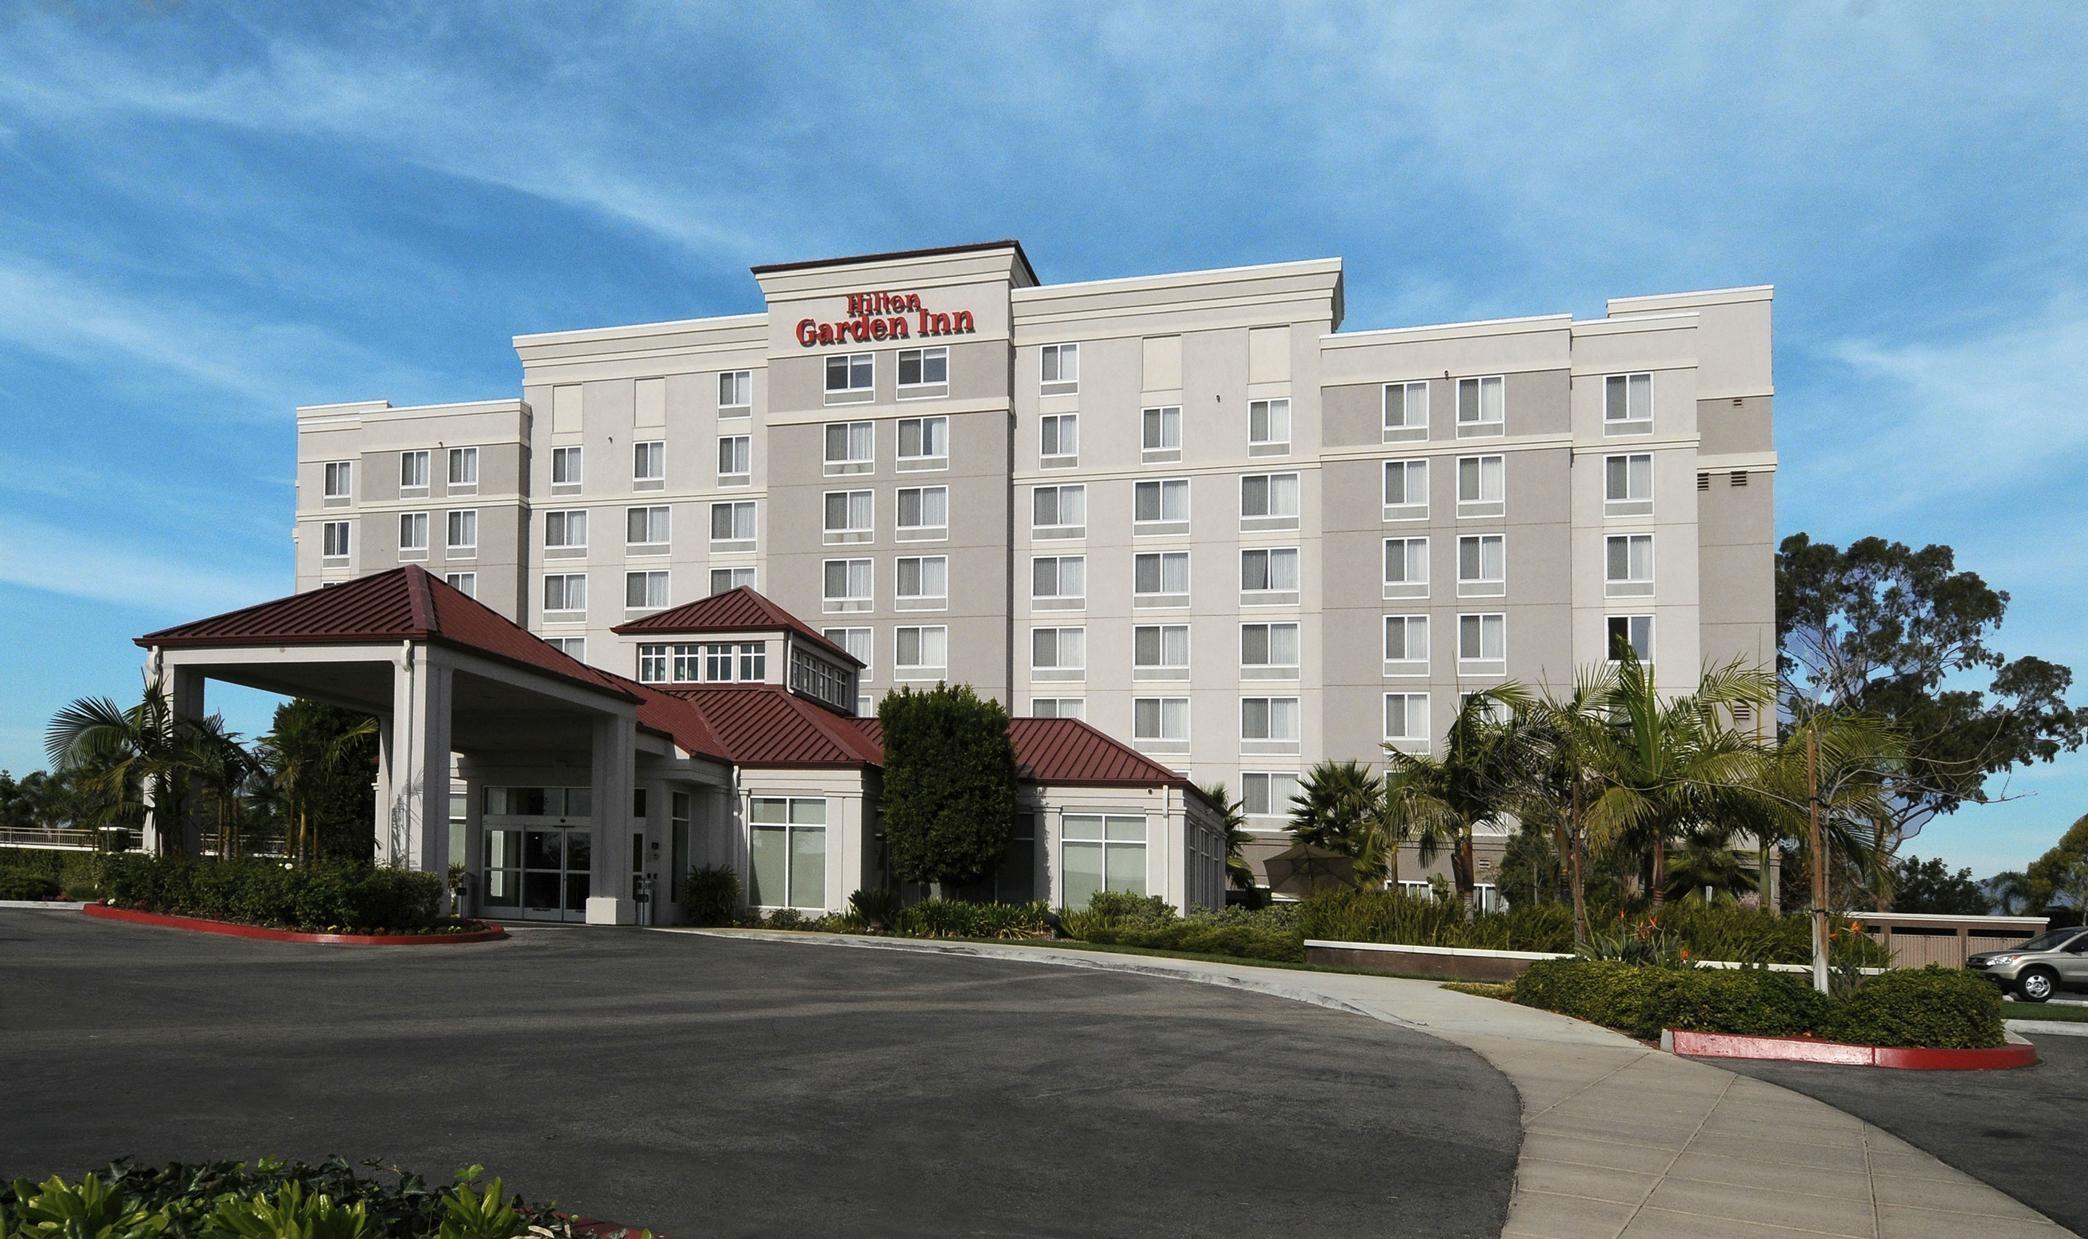 Hilton Garden Inn Oxnard Camarillo Oxnard California Ca